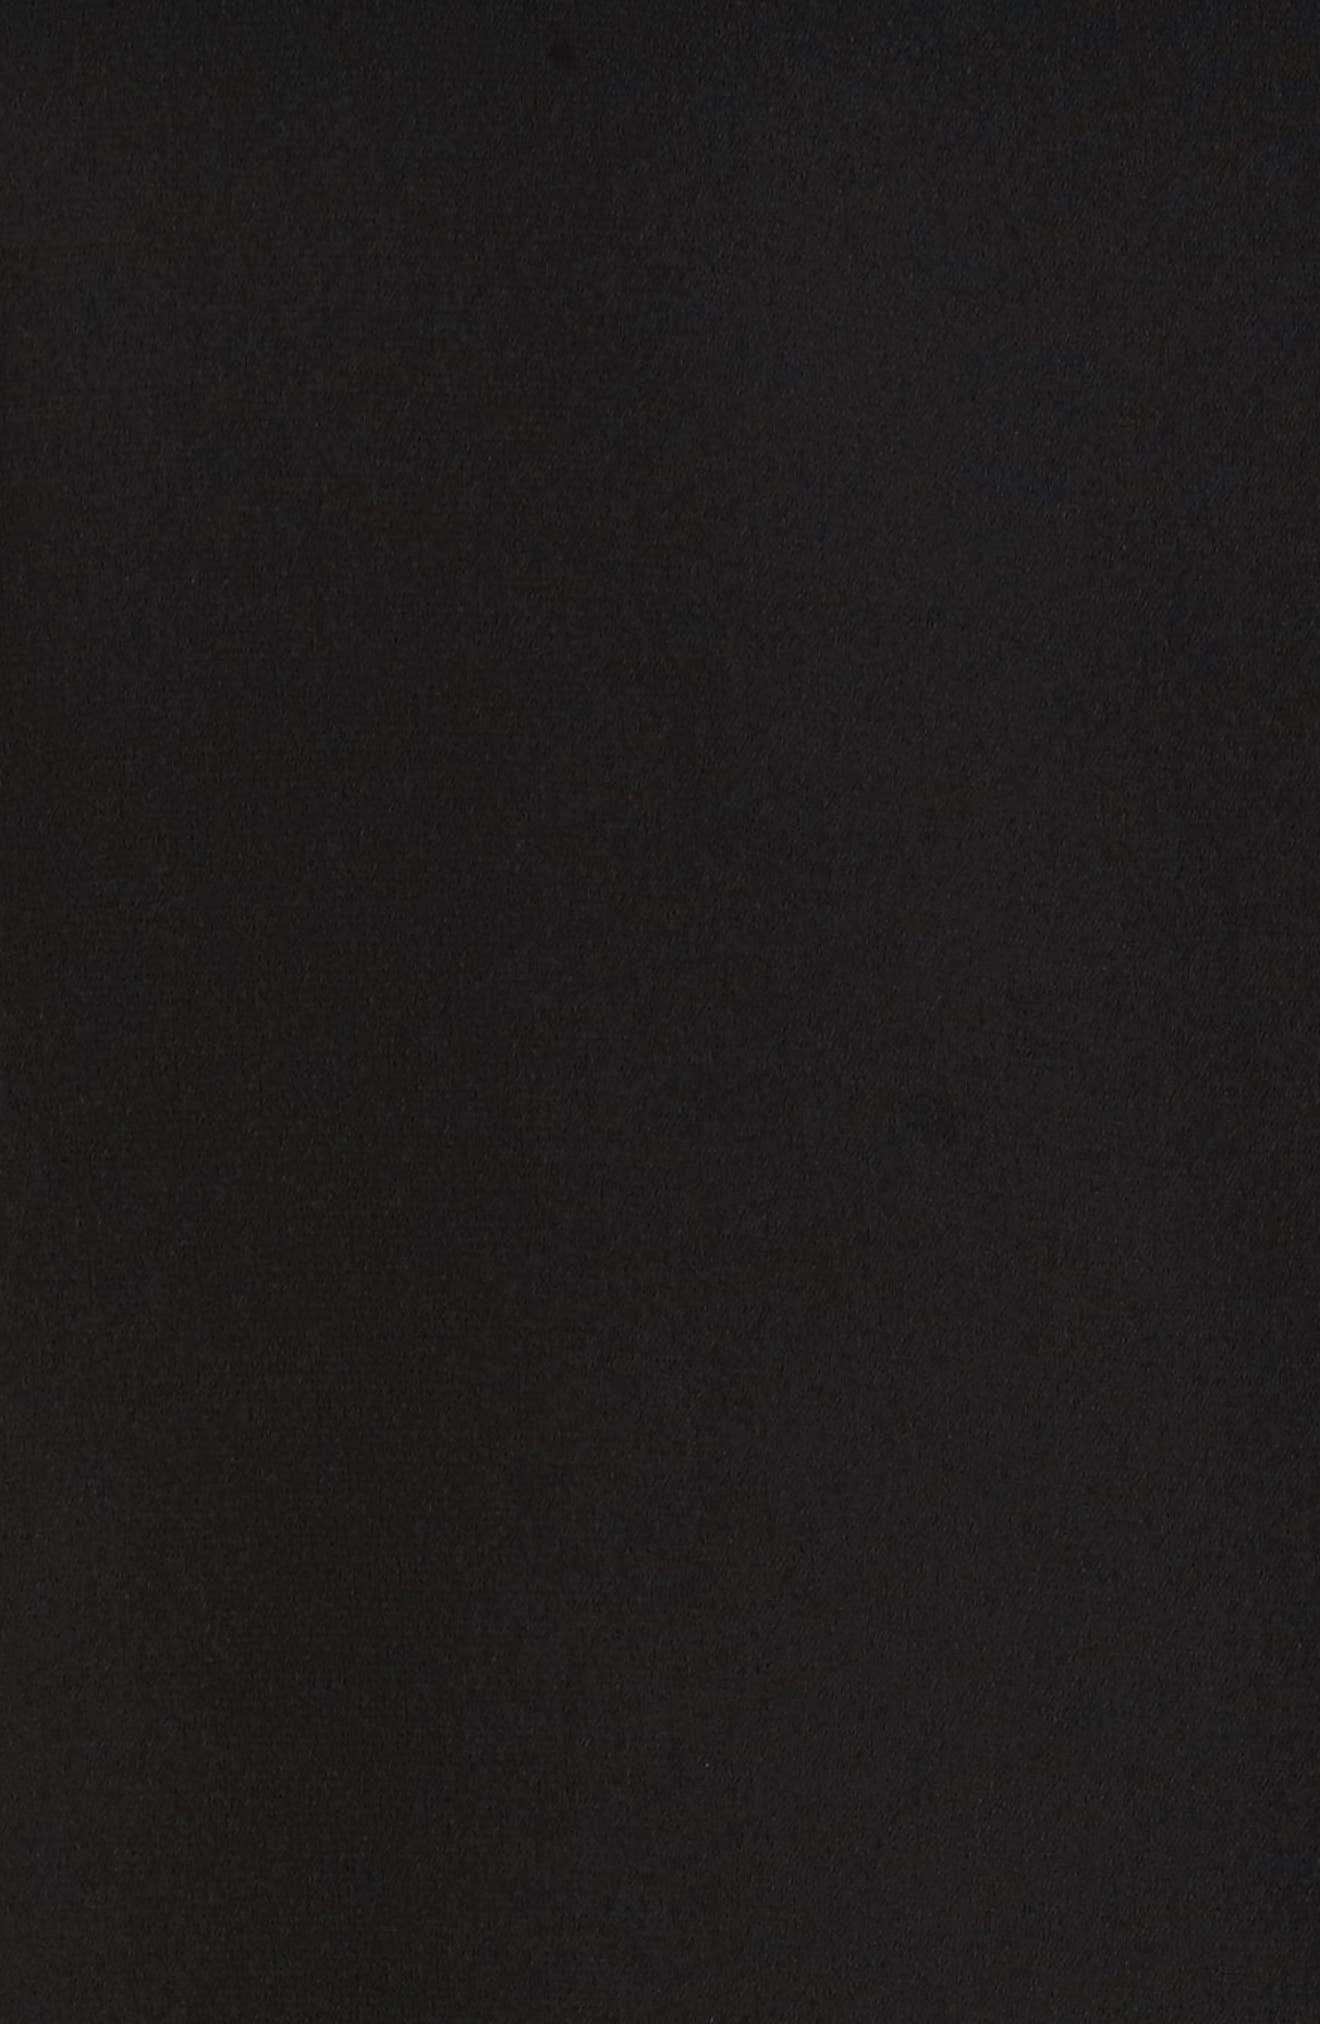 Mya Lace Hem Dress,                             Alternate thumbnail 7, color,                             Black